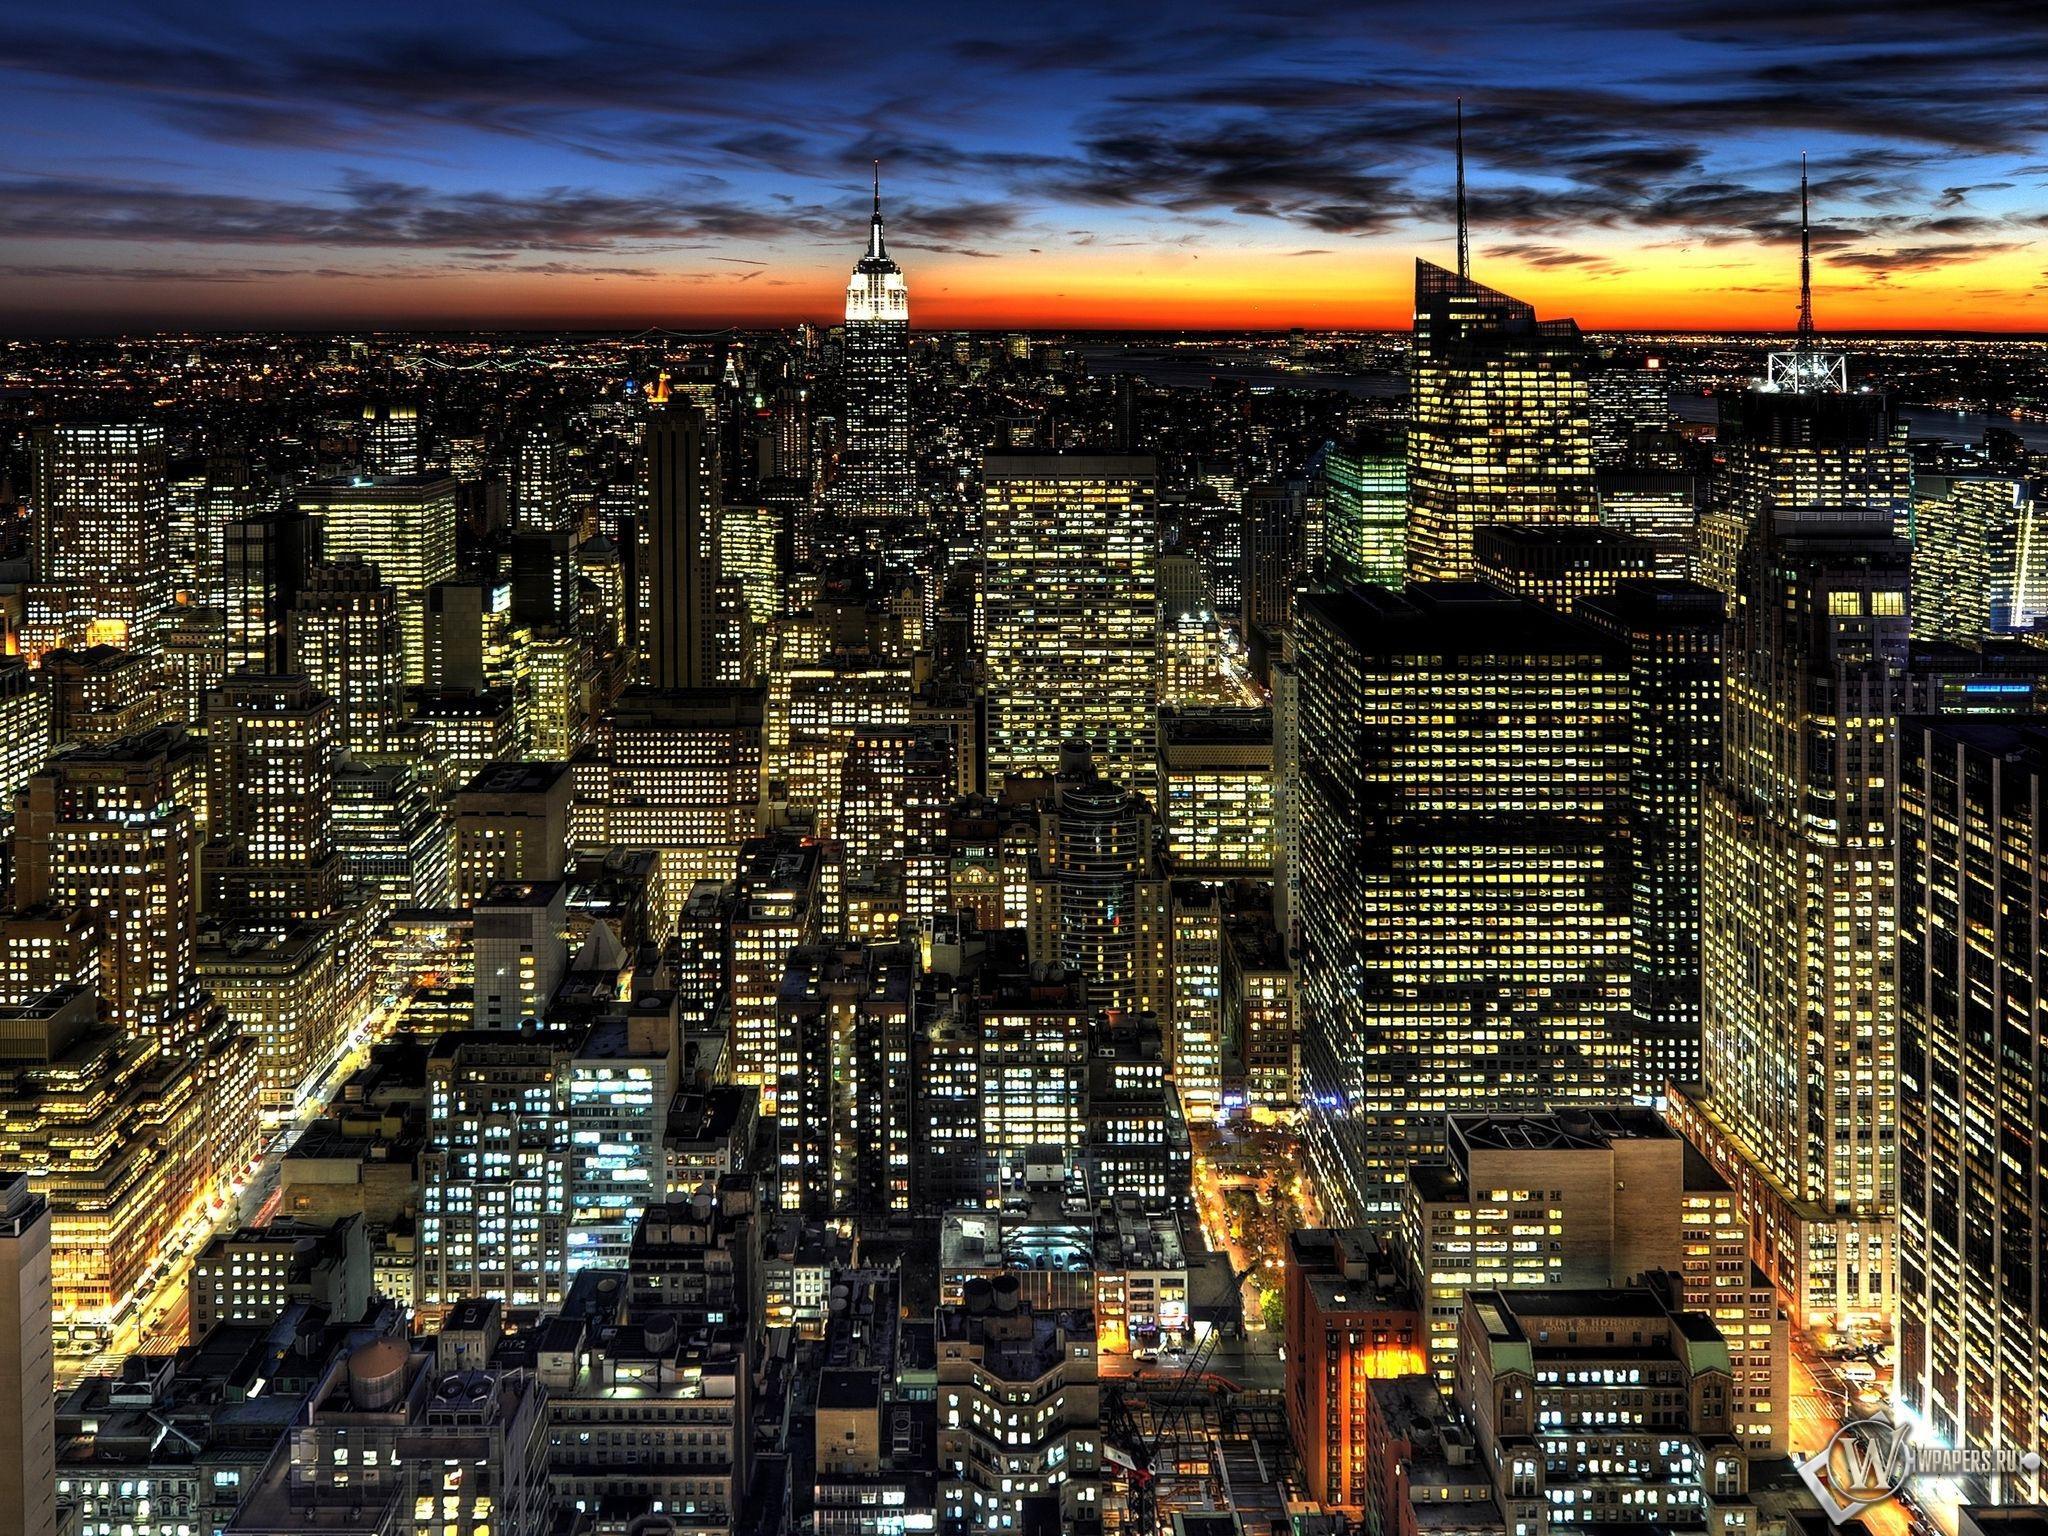 Ночьной город 2048x1536